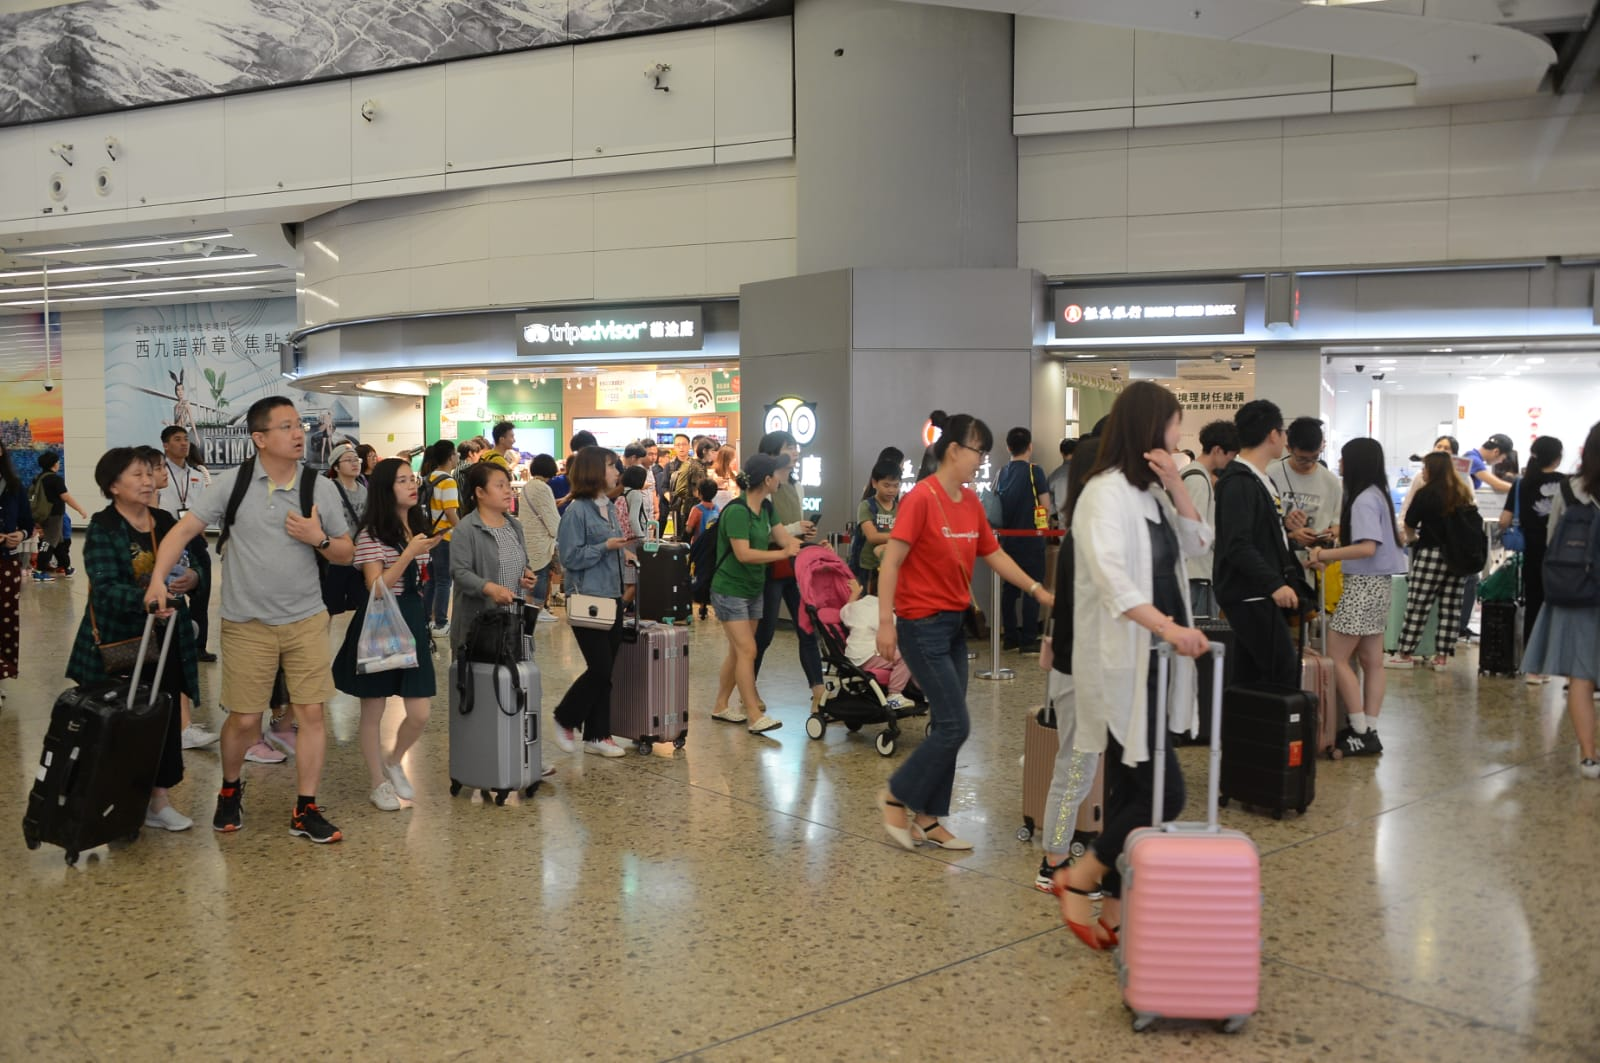 今晚所有開往廣州南的高鐵列車車票已售罄。